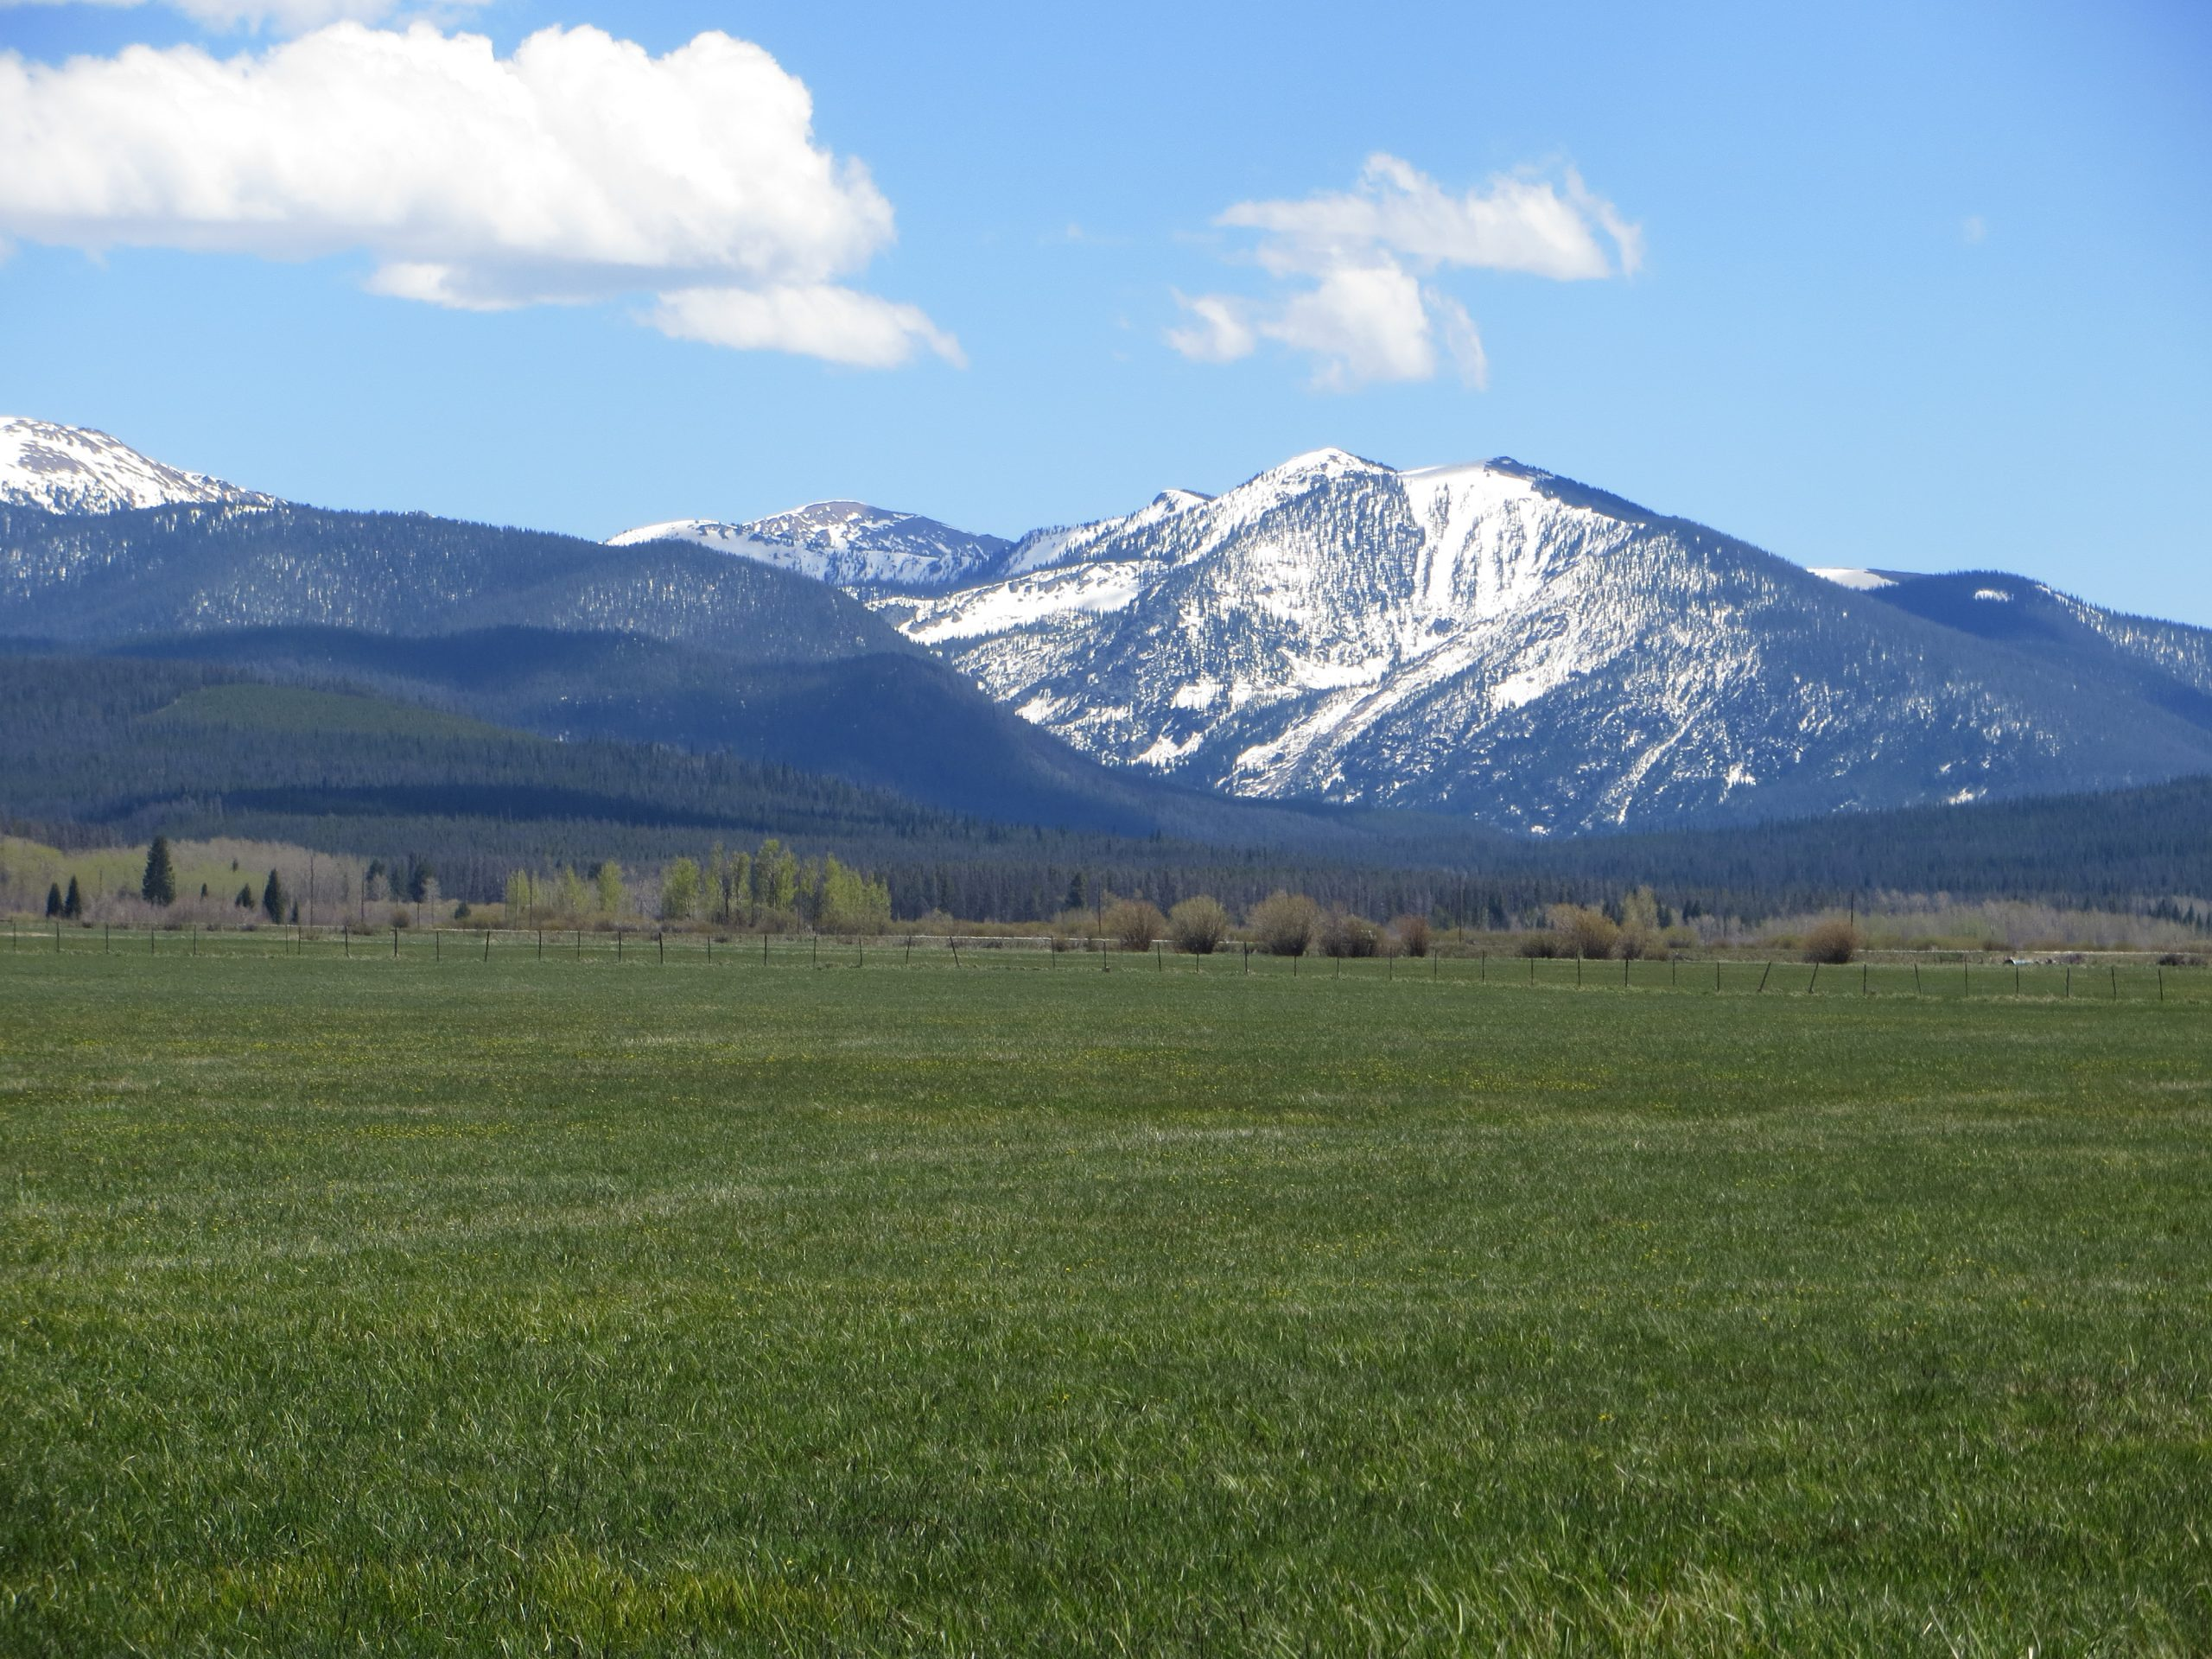 Colorado snow capped peaks scream adventure